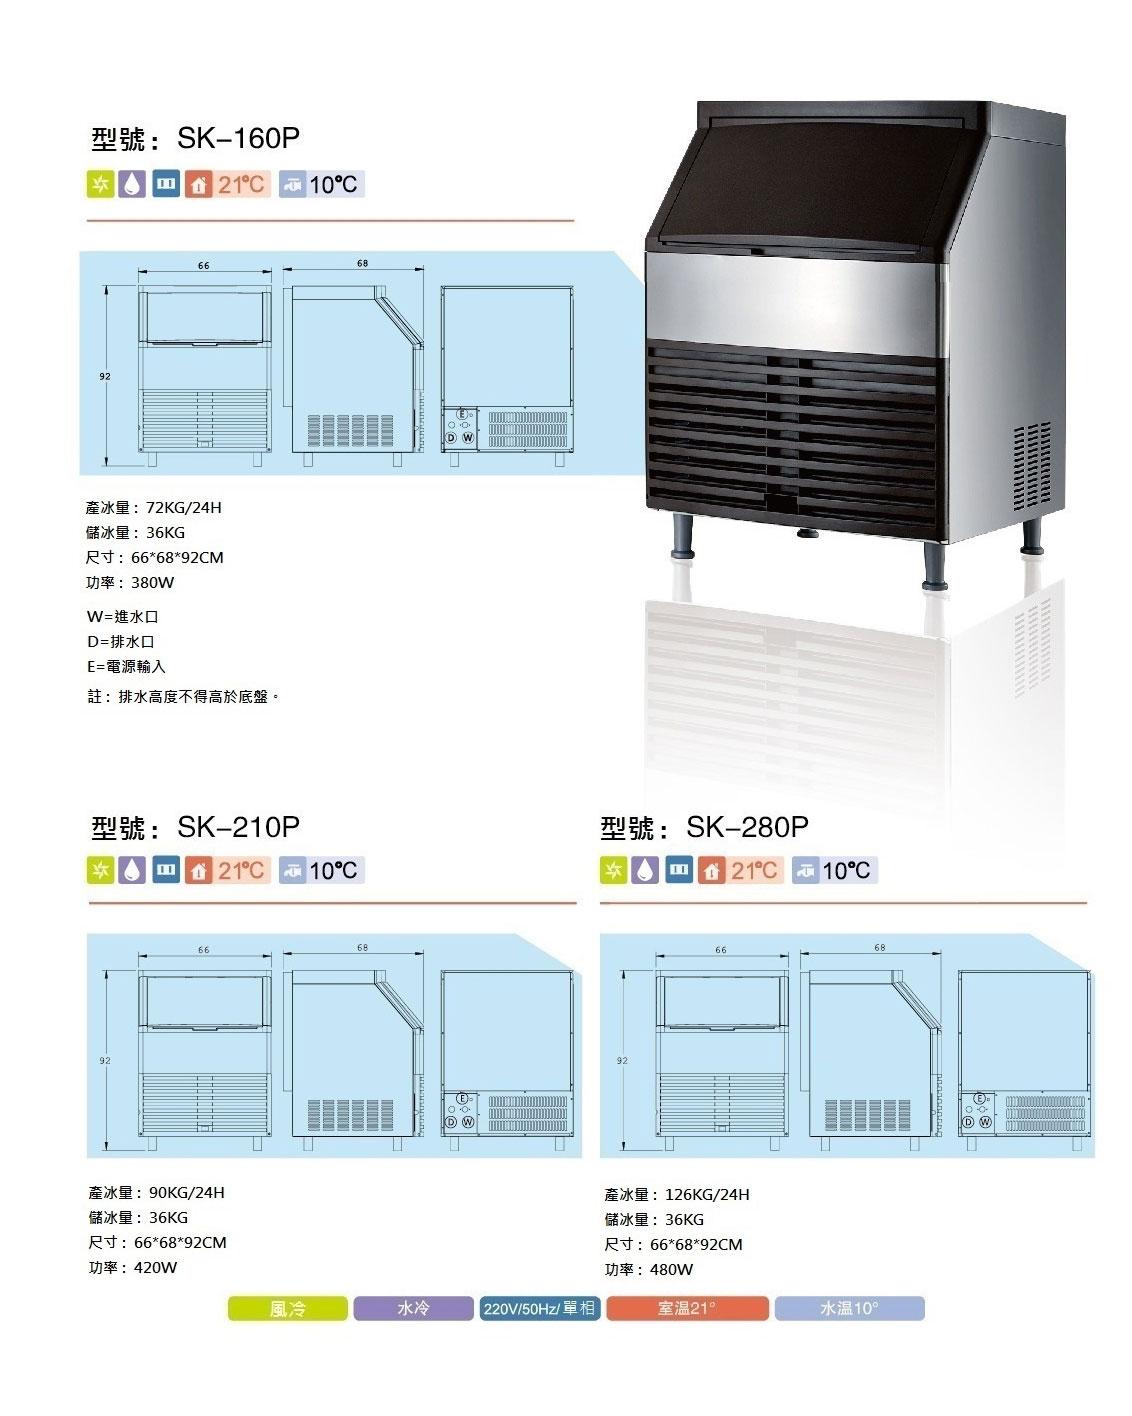 【SK-280P】角冰製冰機-商用全自動快速製冰(方冰)